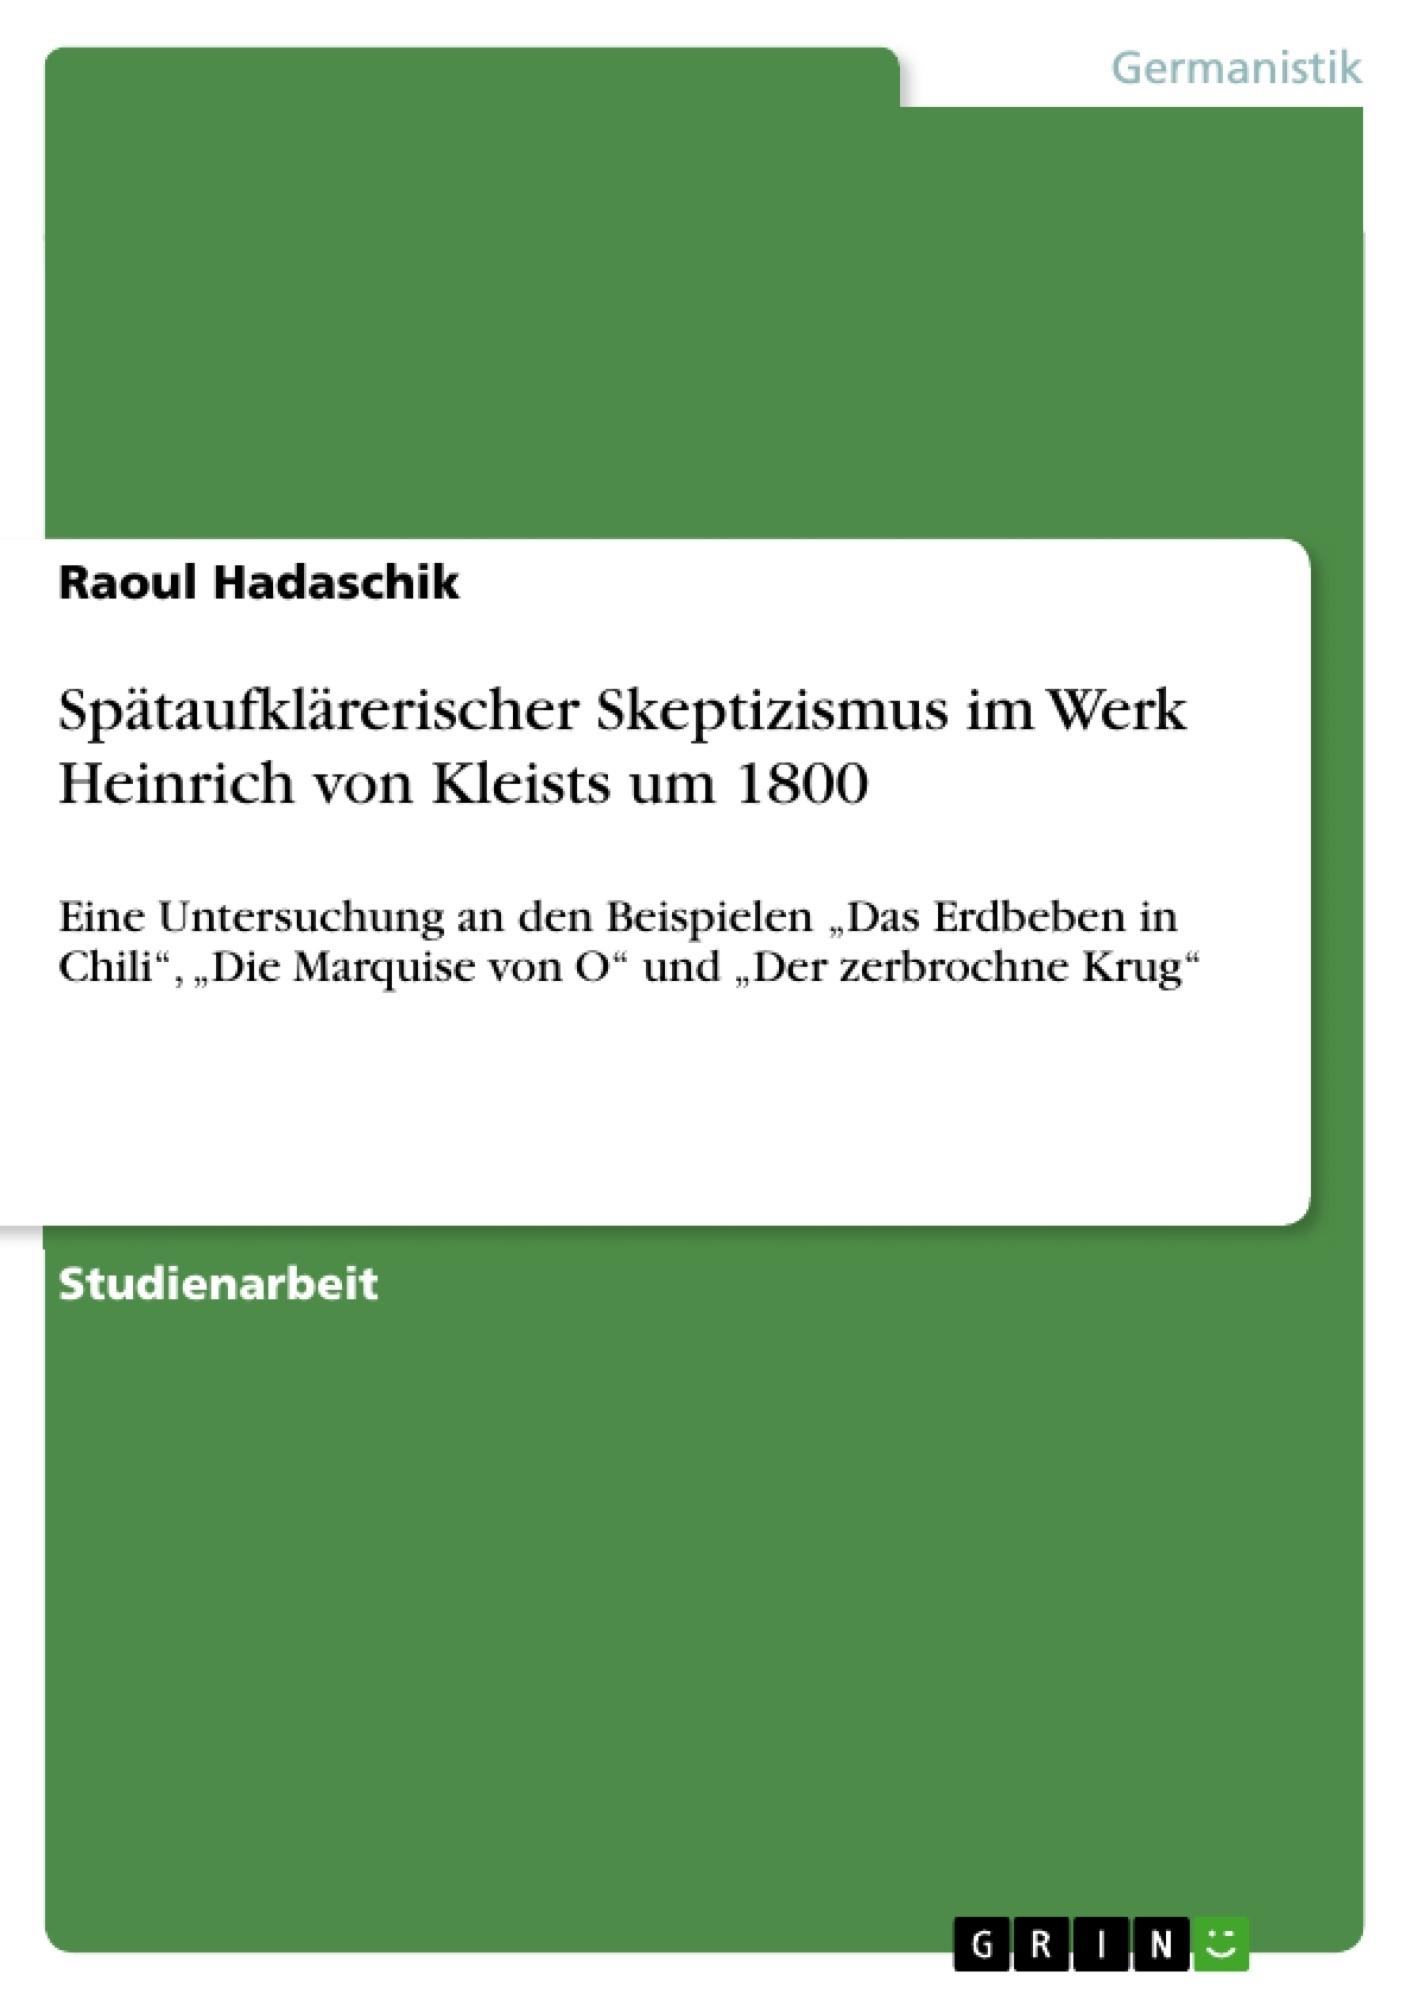 Titel: Spätaufklärerischer Skeptizismus im Werk Heinrich von Kleists um 1800